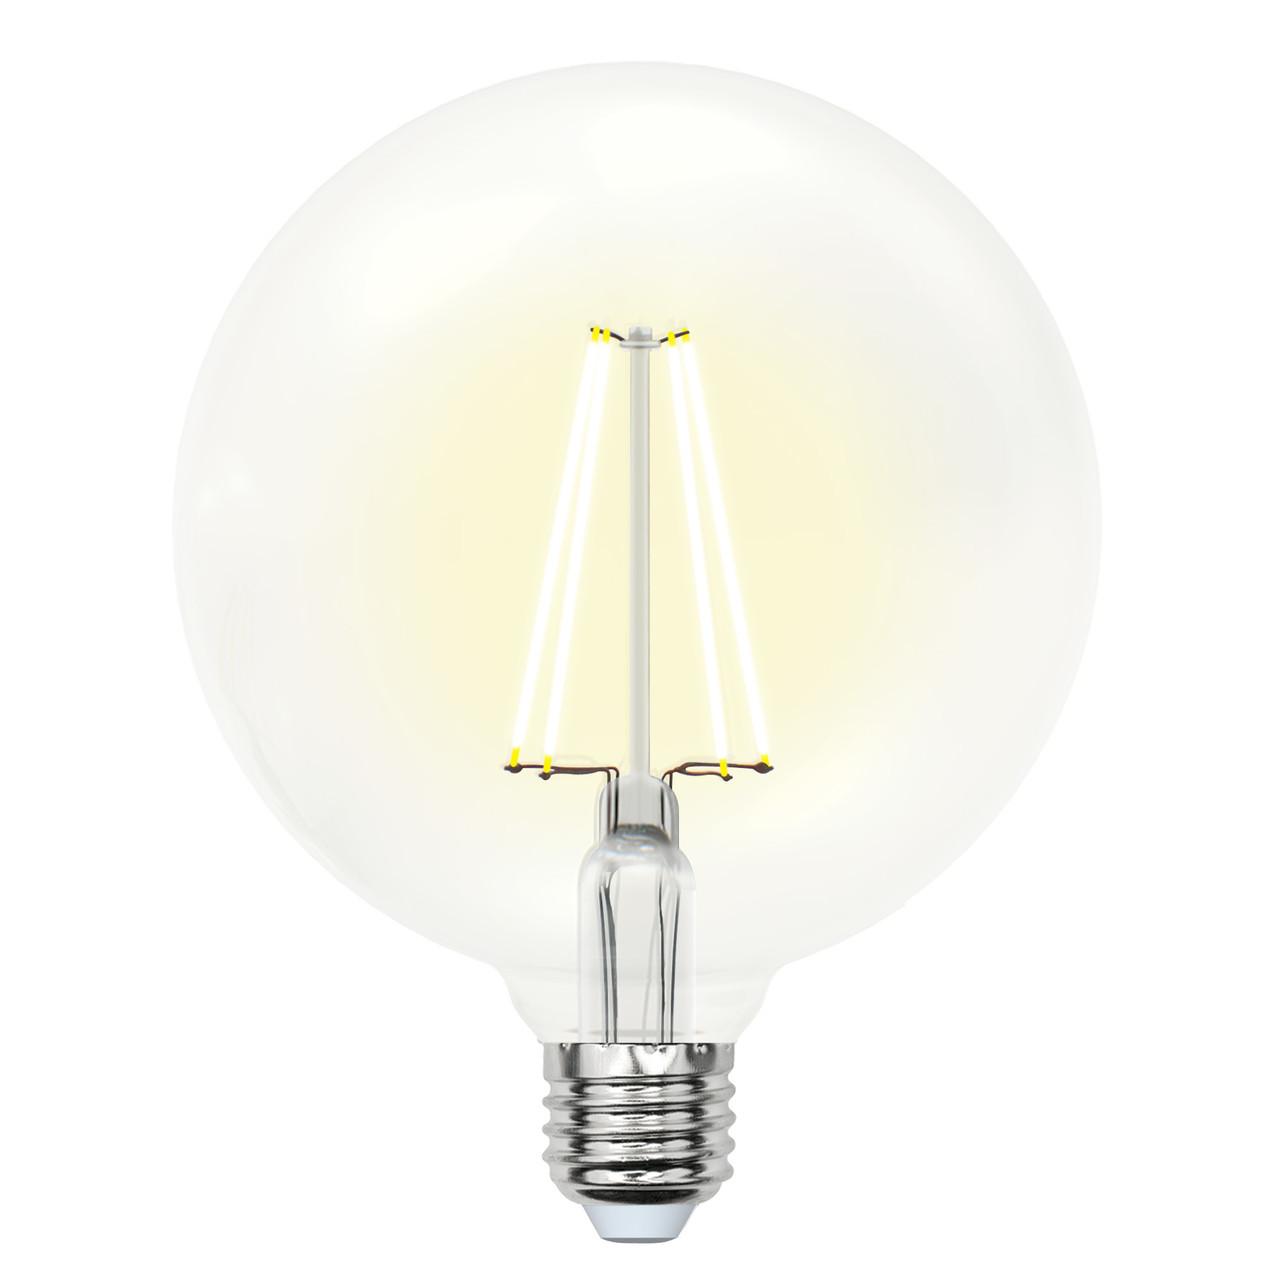 Лампа светодиодная VINTAGE LED-G125/10W/WW/E27/CL PLS02WH форма шар прозр. колба цвет свеч.теплый